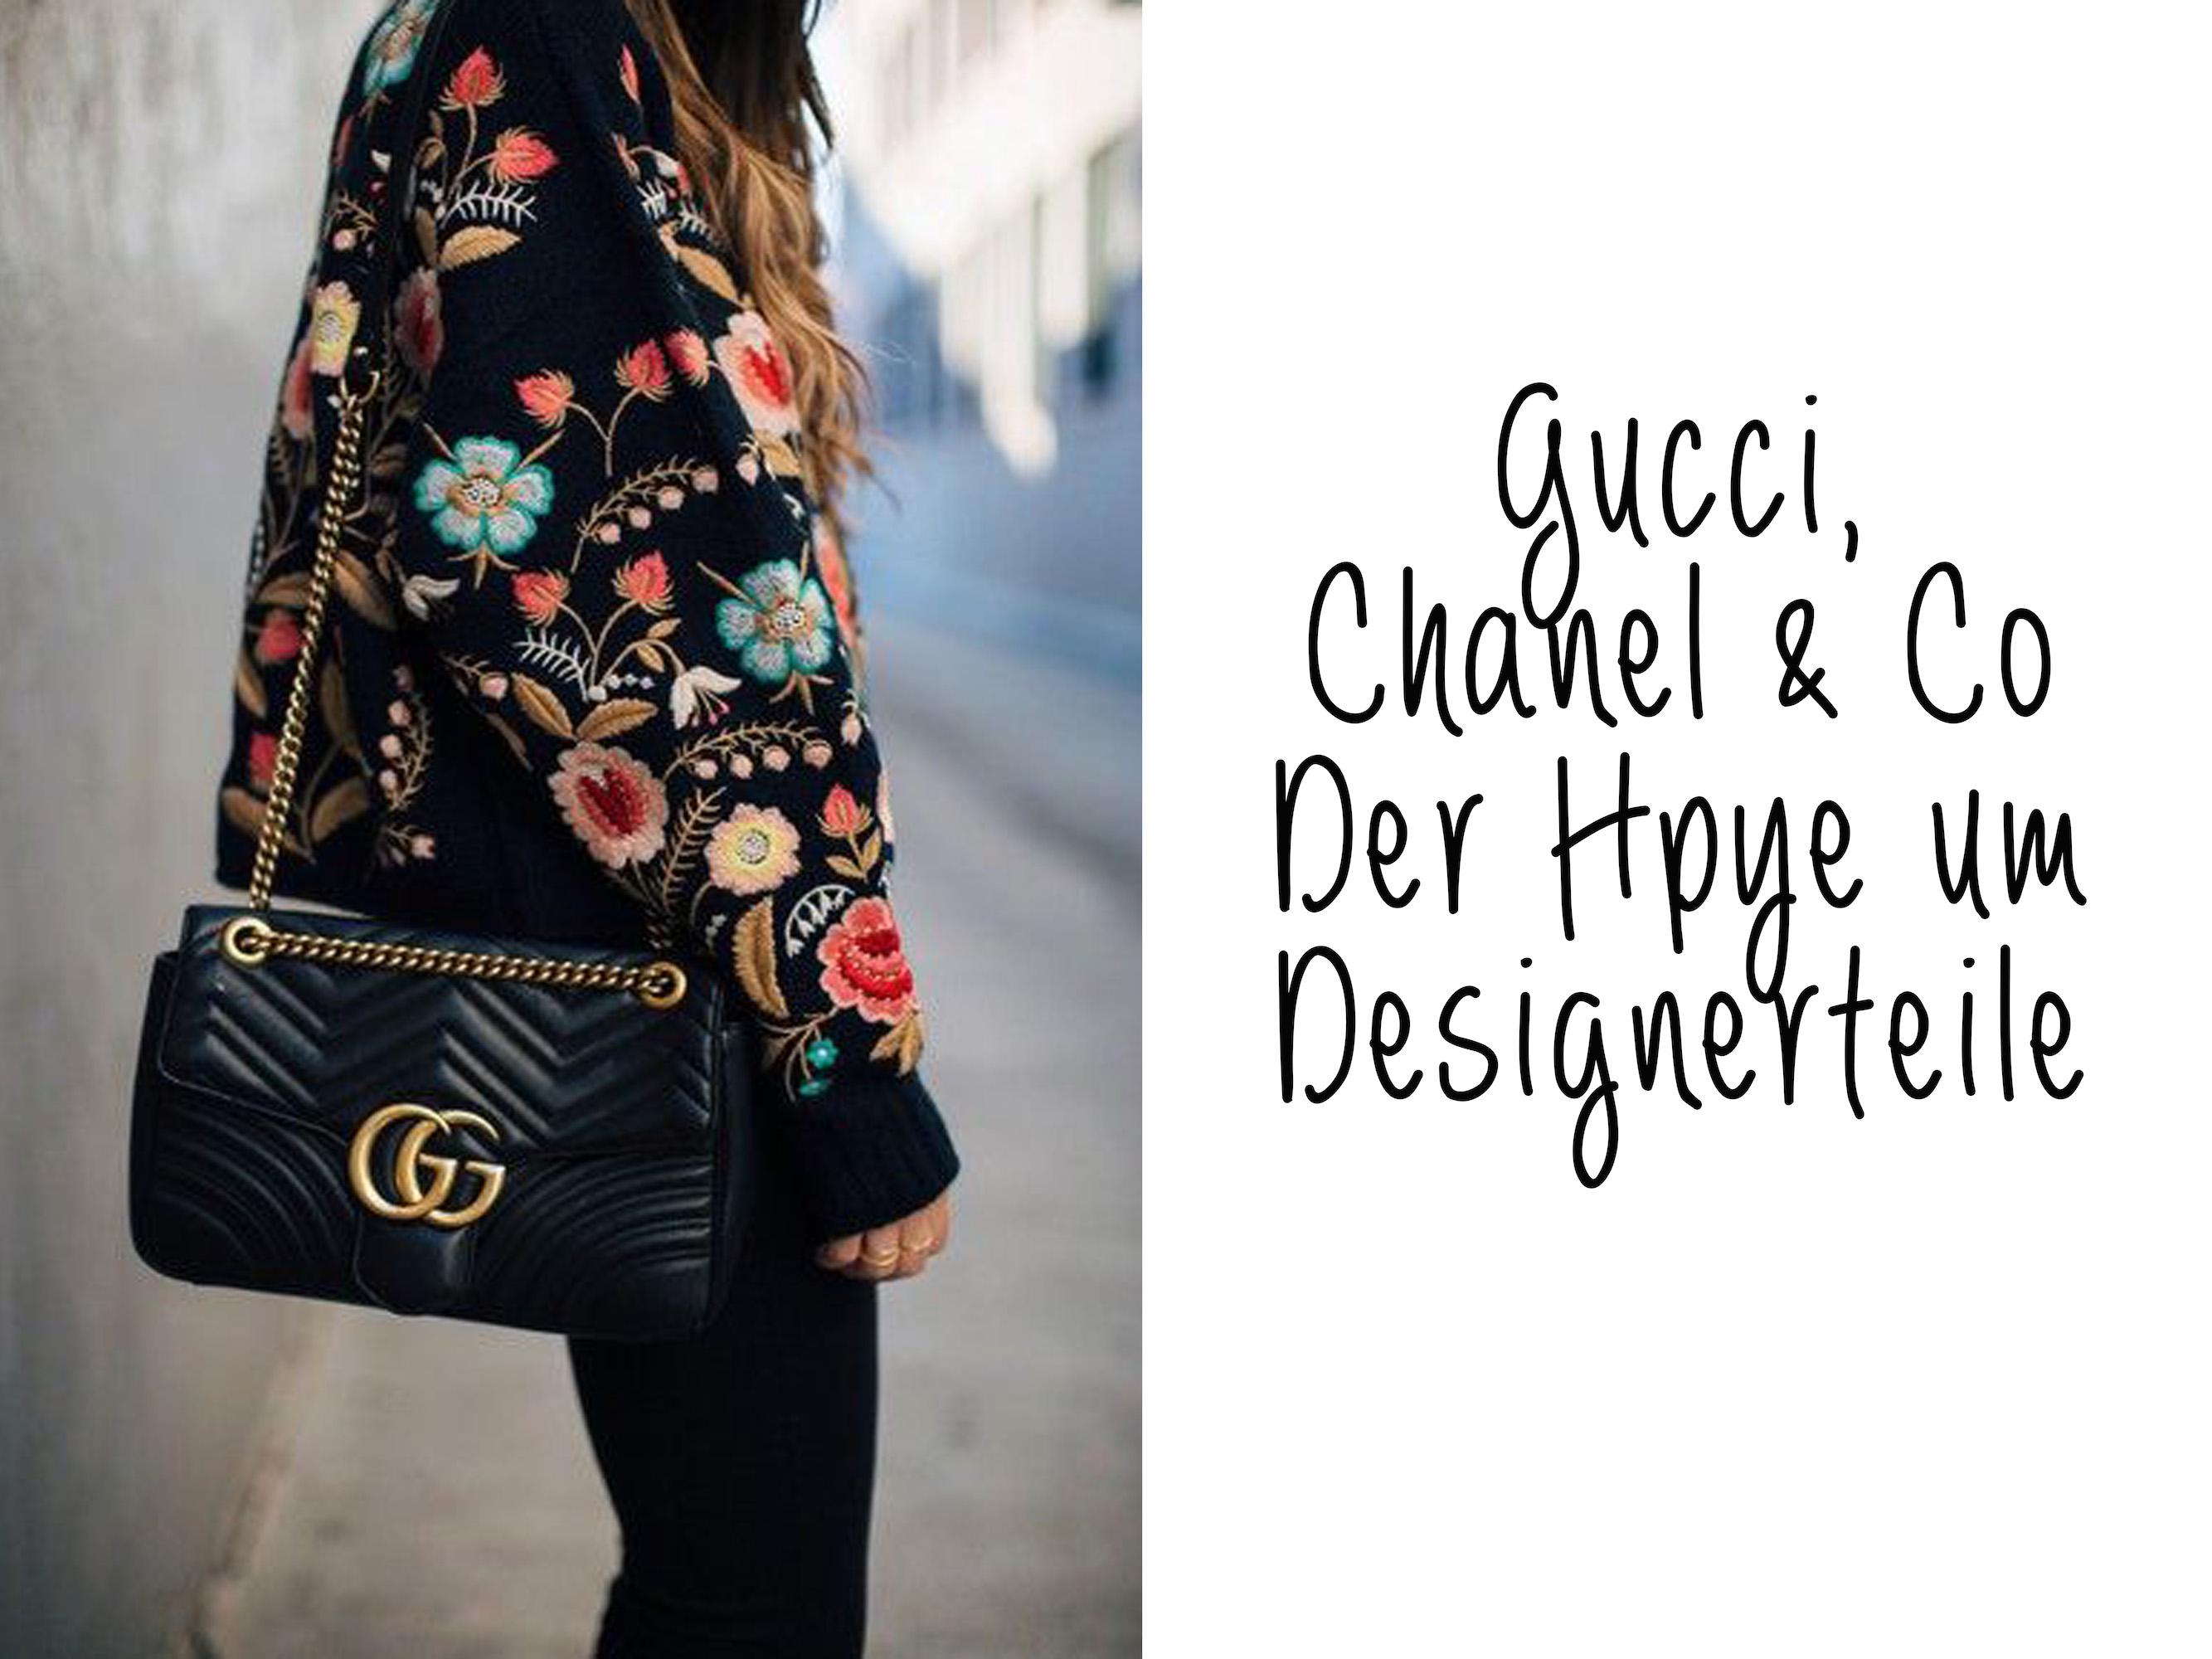 das-thema-designertaschen-und-co-authentizitätsverlust-hype-stylemocca